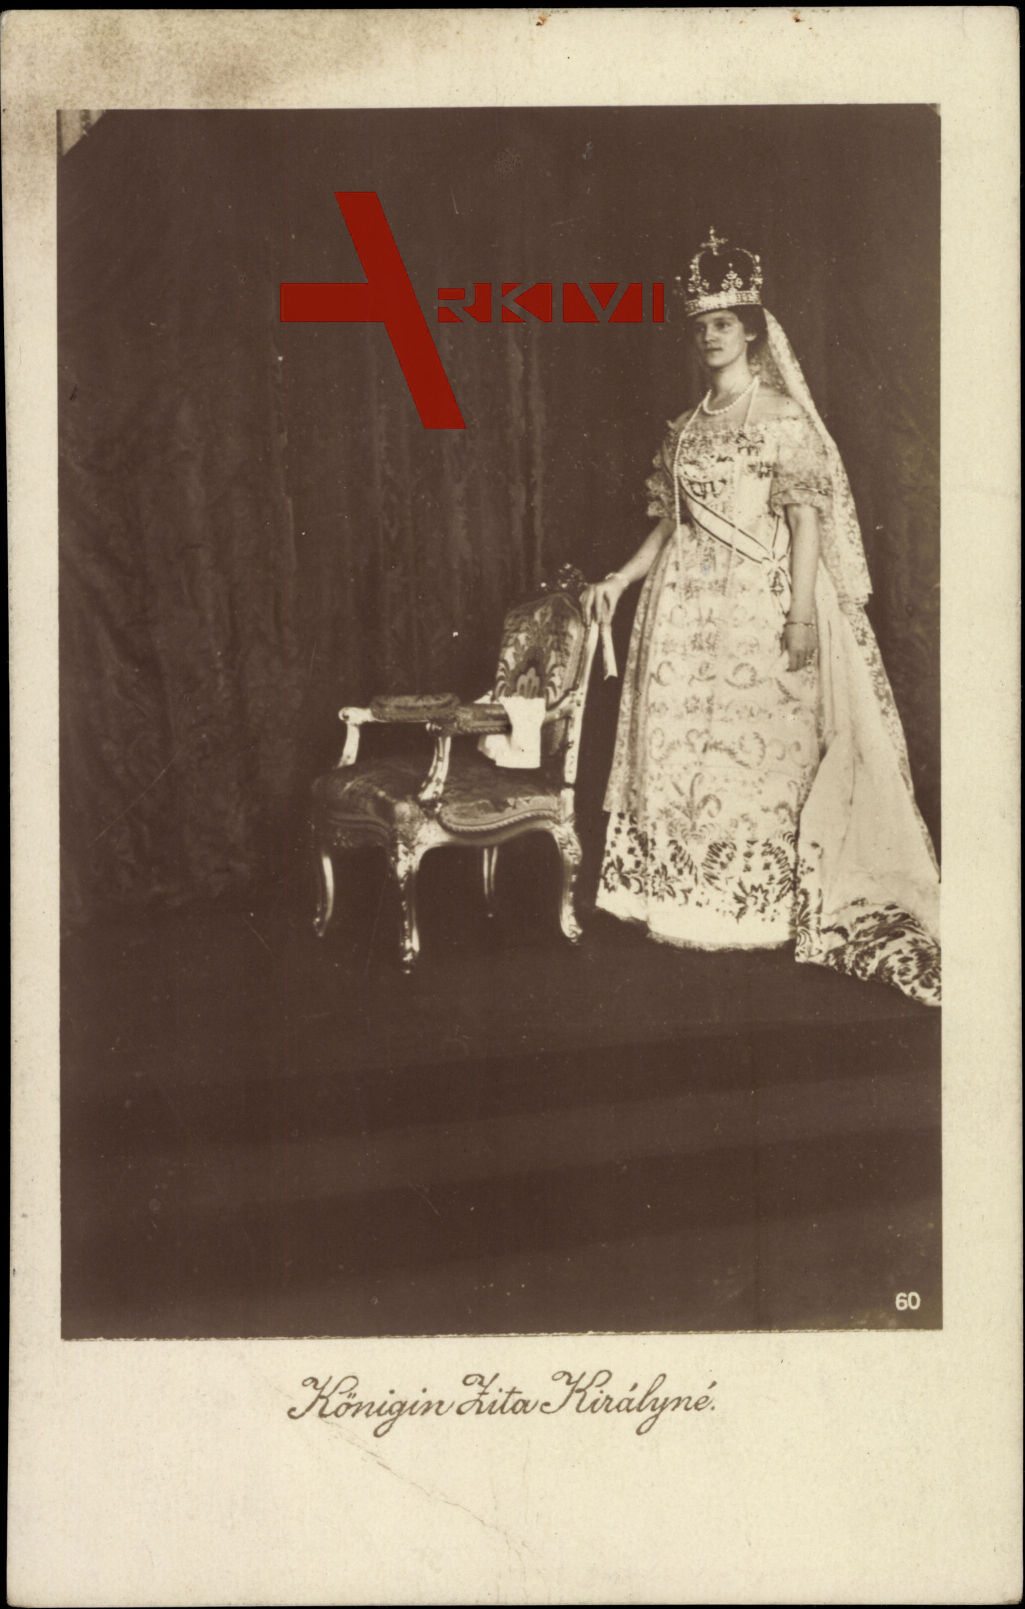 Königin Zita Királyné von Ungarn mit Pelz